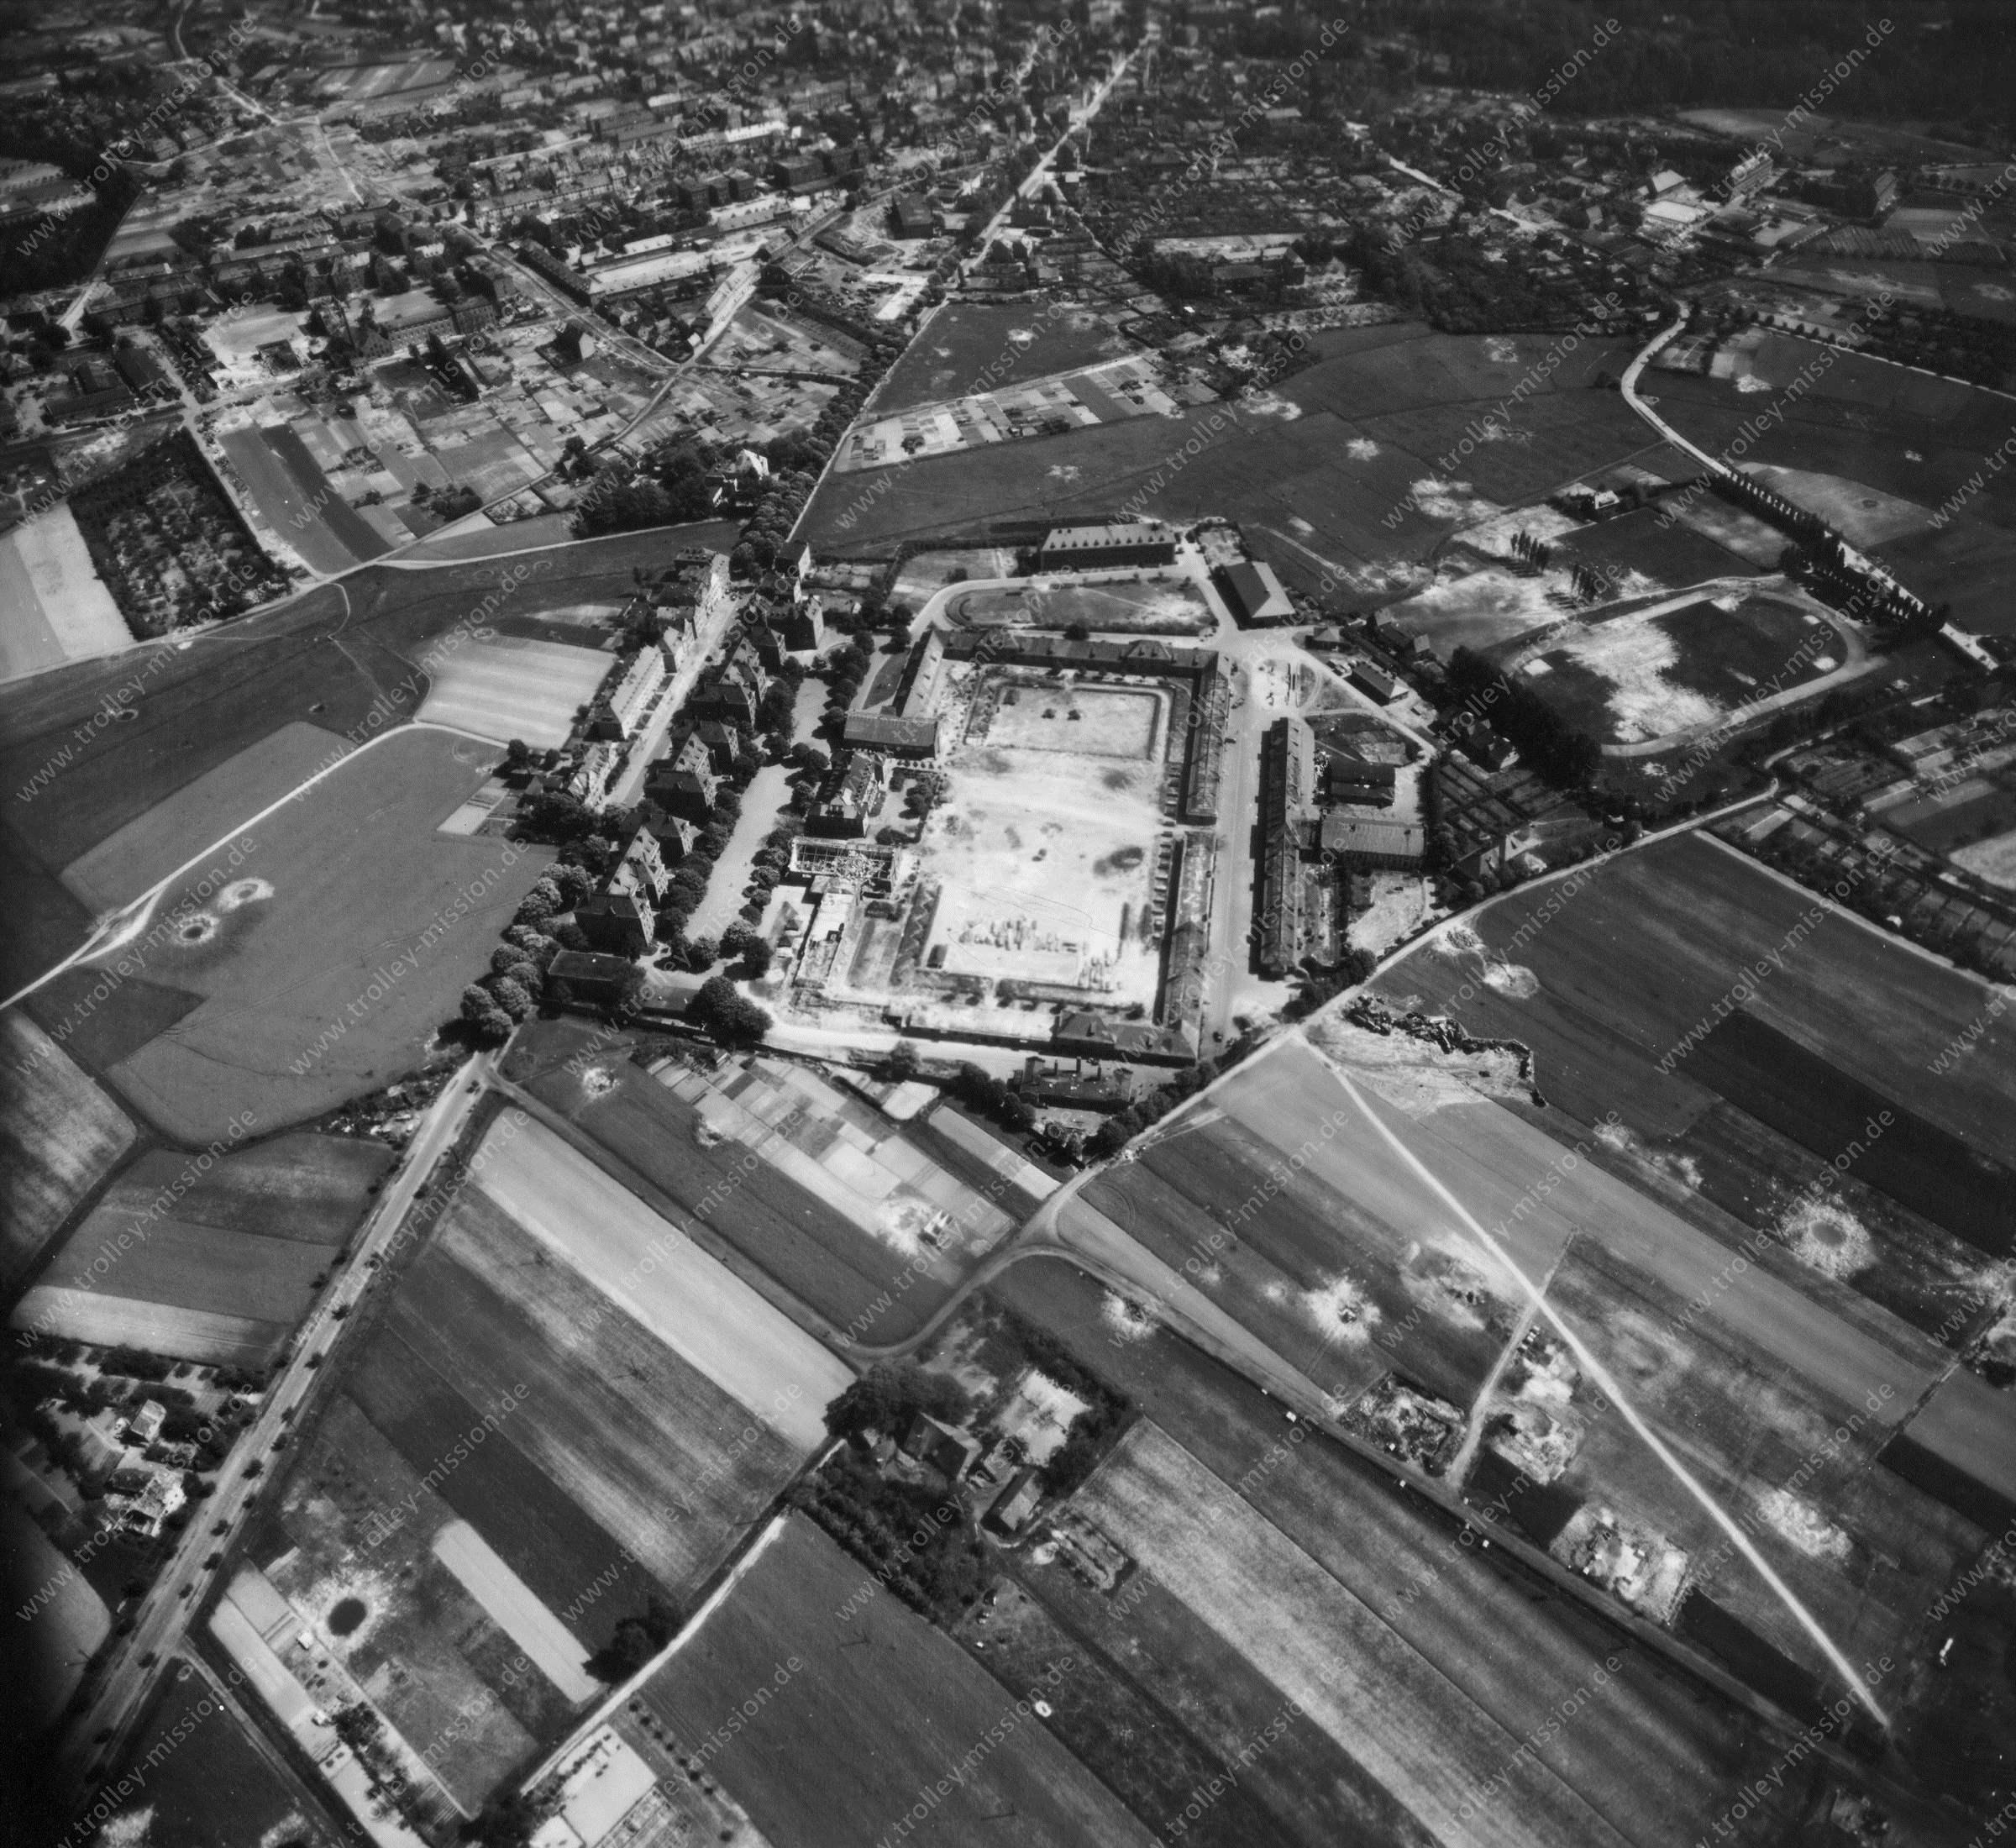 Steinfurter Straße und Kaserne (Leonardo Campus) - Luftbildserie 2/11 der US Air Force von Münster (12. Mai 1945)